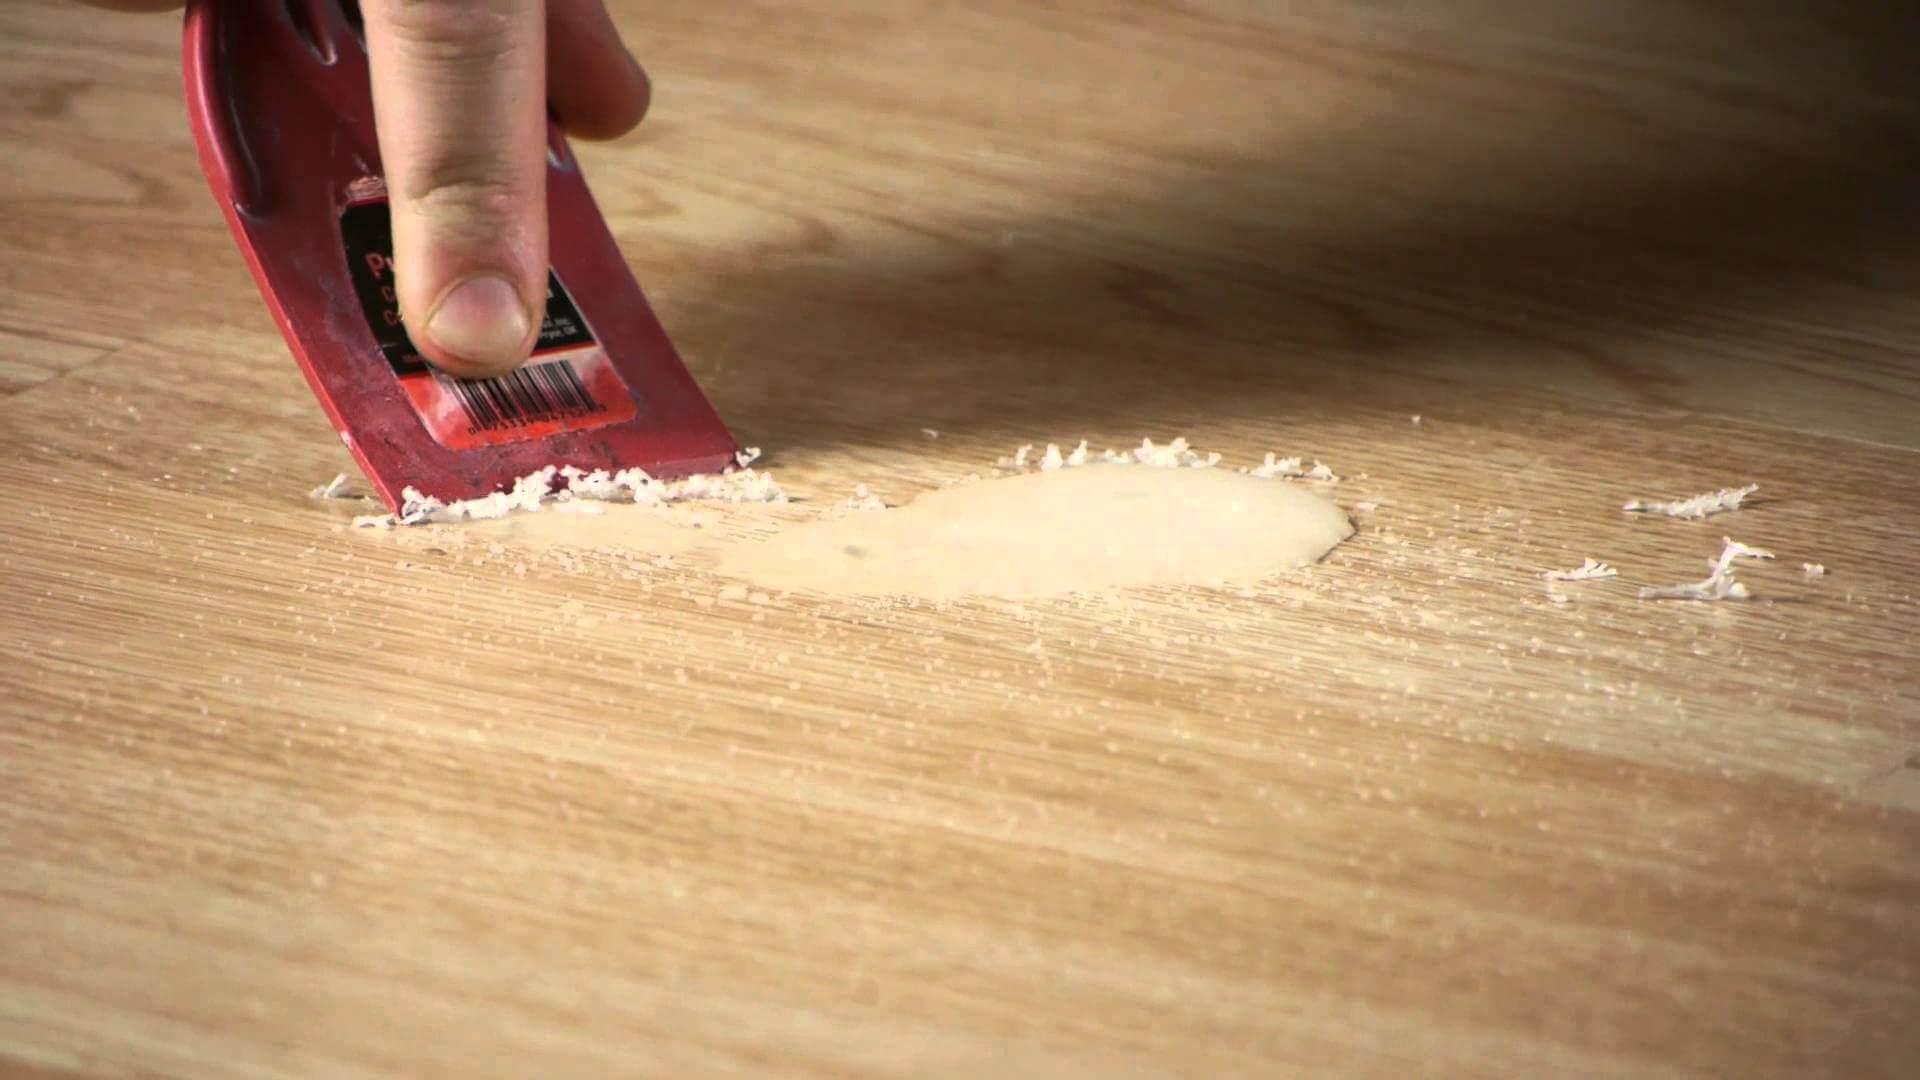 Как очистить монтажную пену с линолеума